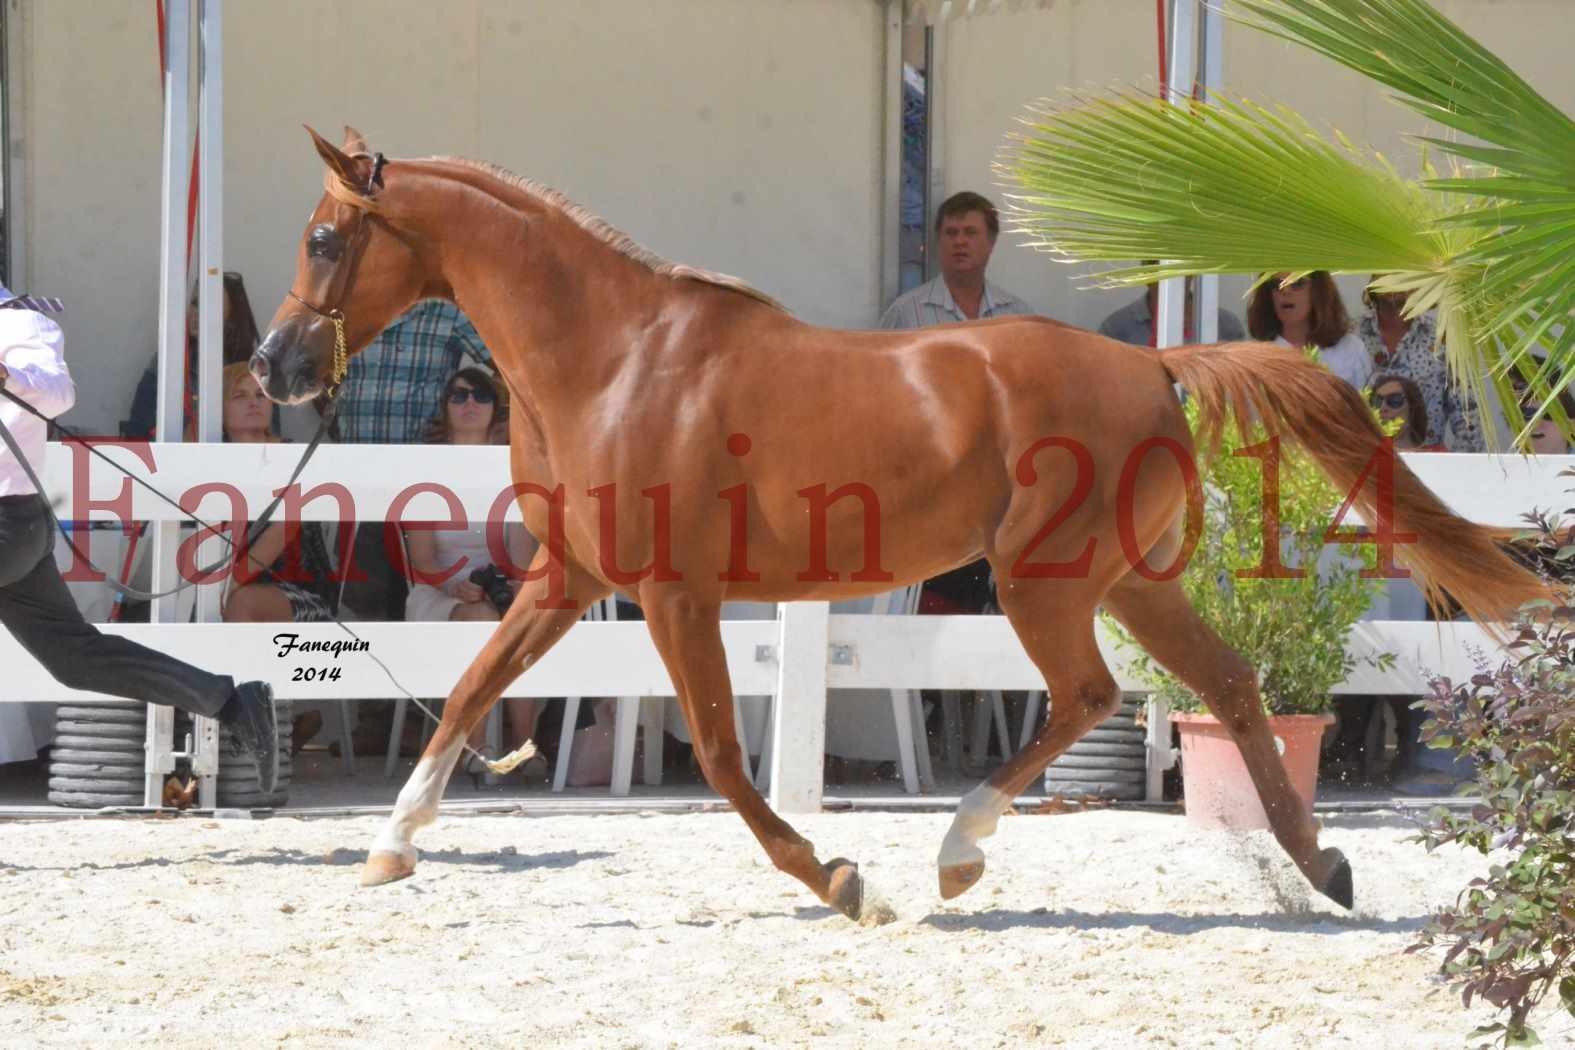 Concours National de Nîmes de chevaux ARABES 2014 - Notre Sélection - MASSAI DE BARREL - 03